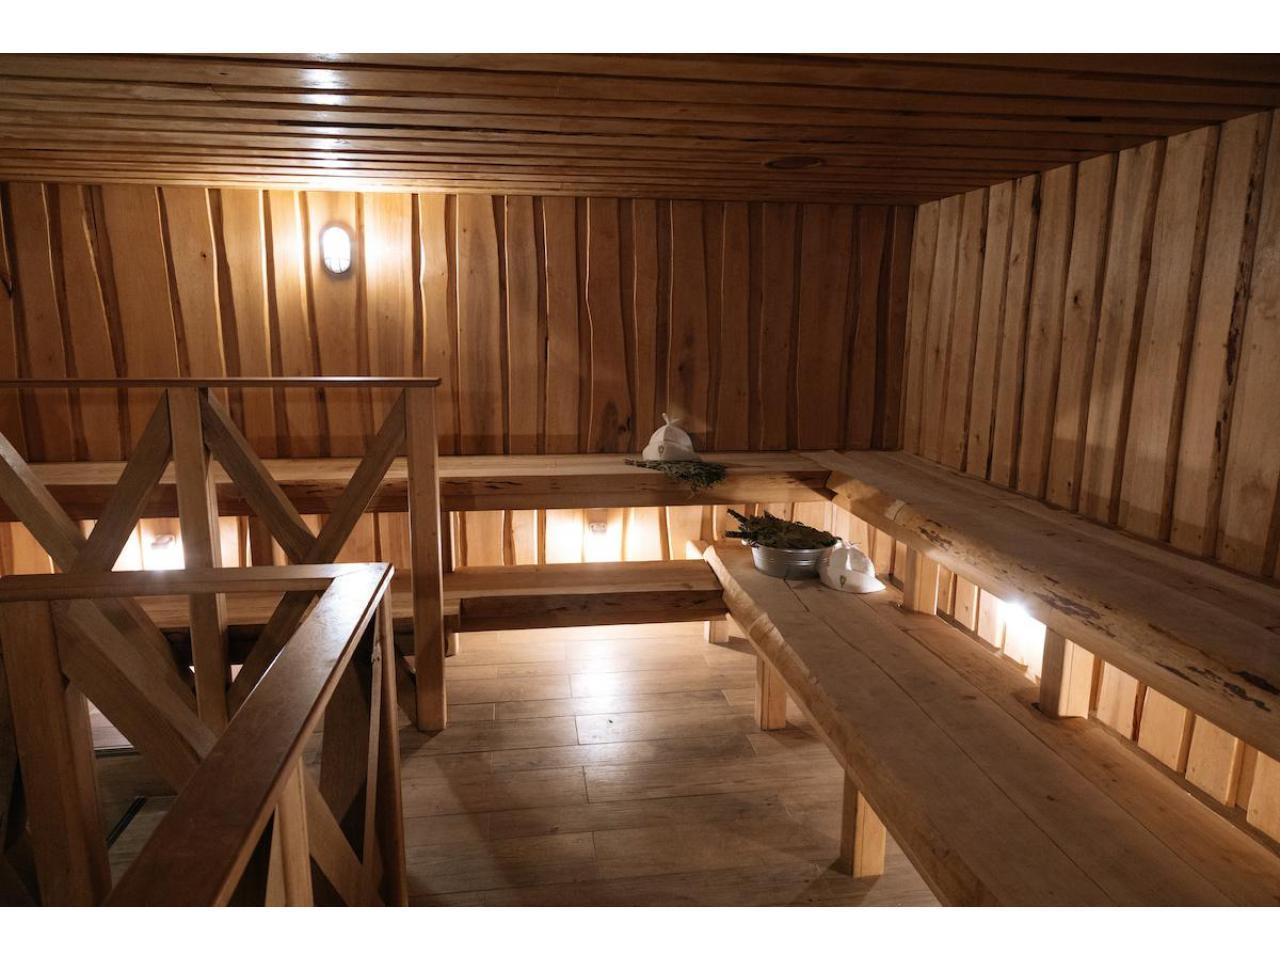 Требуются массажисты в банный комплекс в Лондоне, район станции Втктория - 1